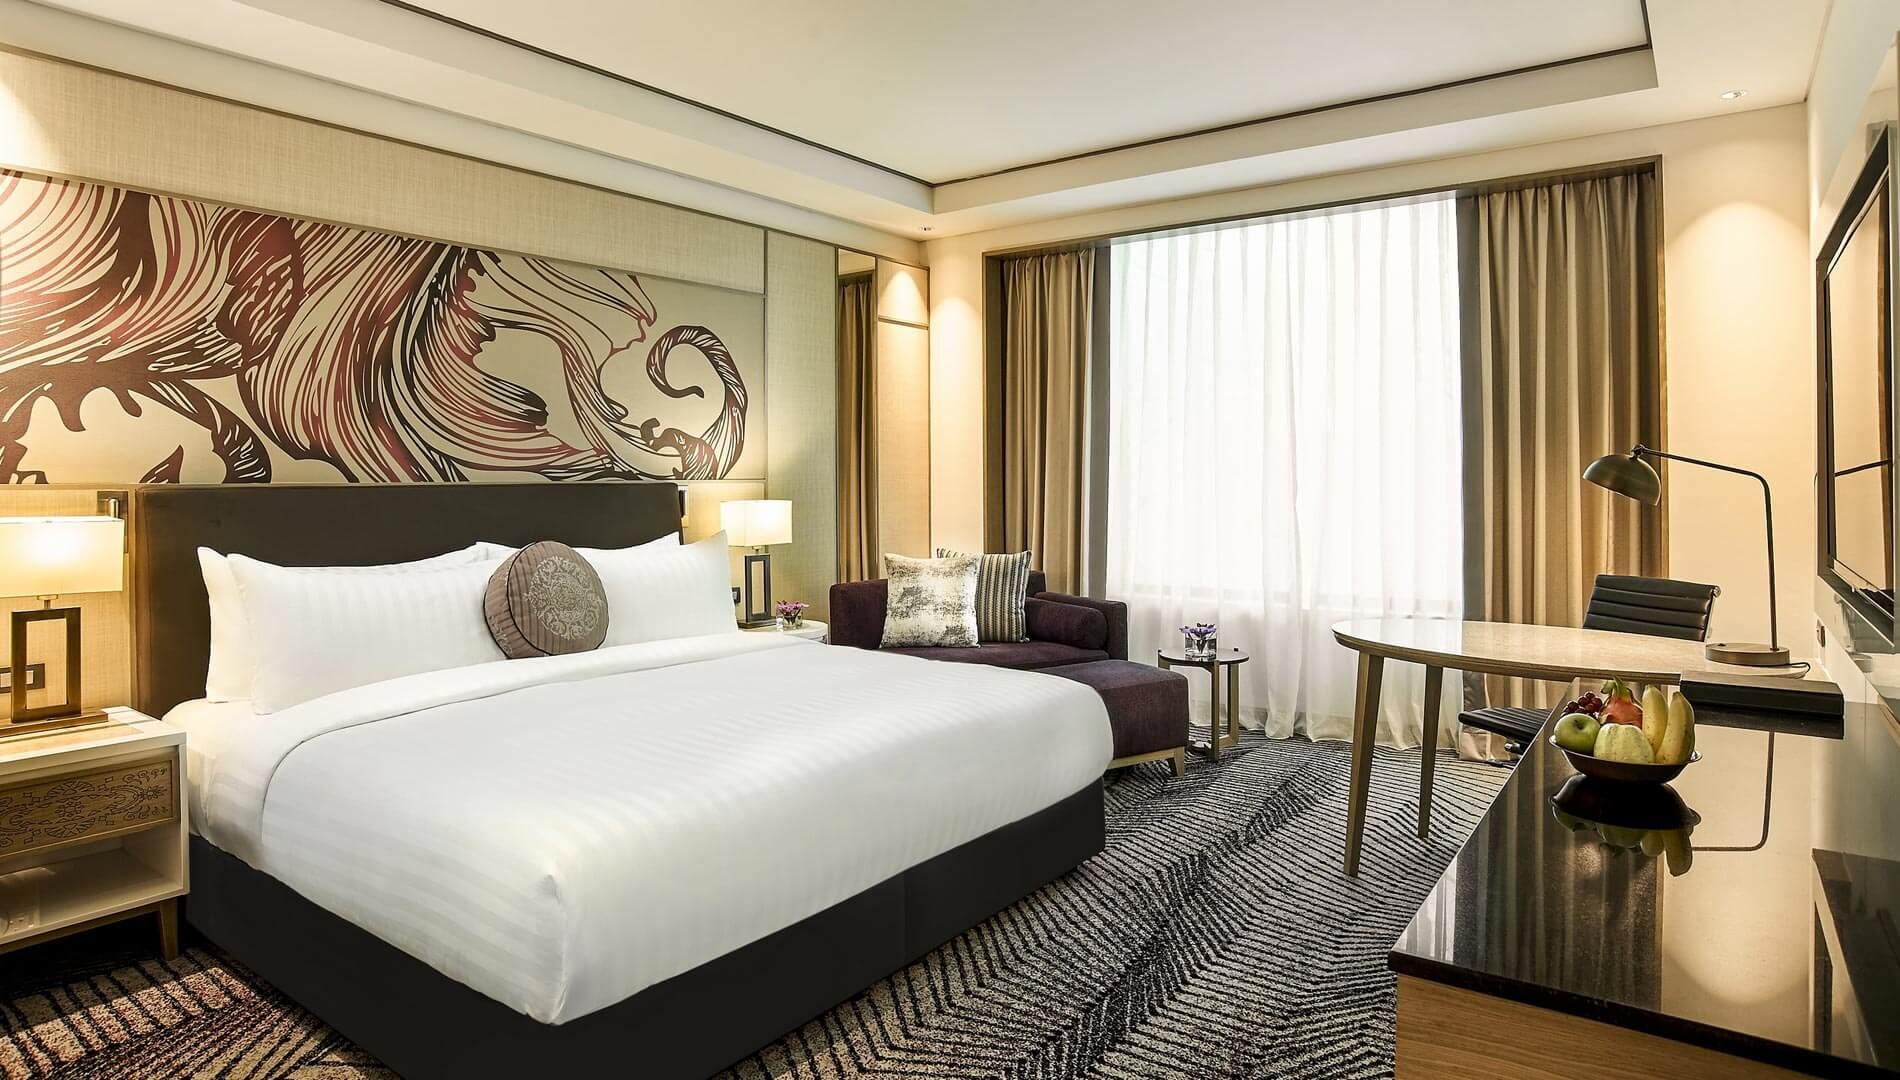 隆重介紹馬來西亞第一家Amari阿瑪瑞酒店——新山阿瑪瑞酒店